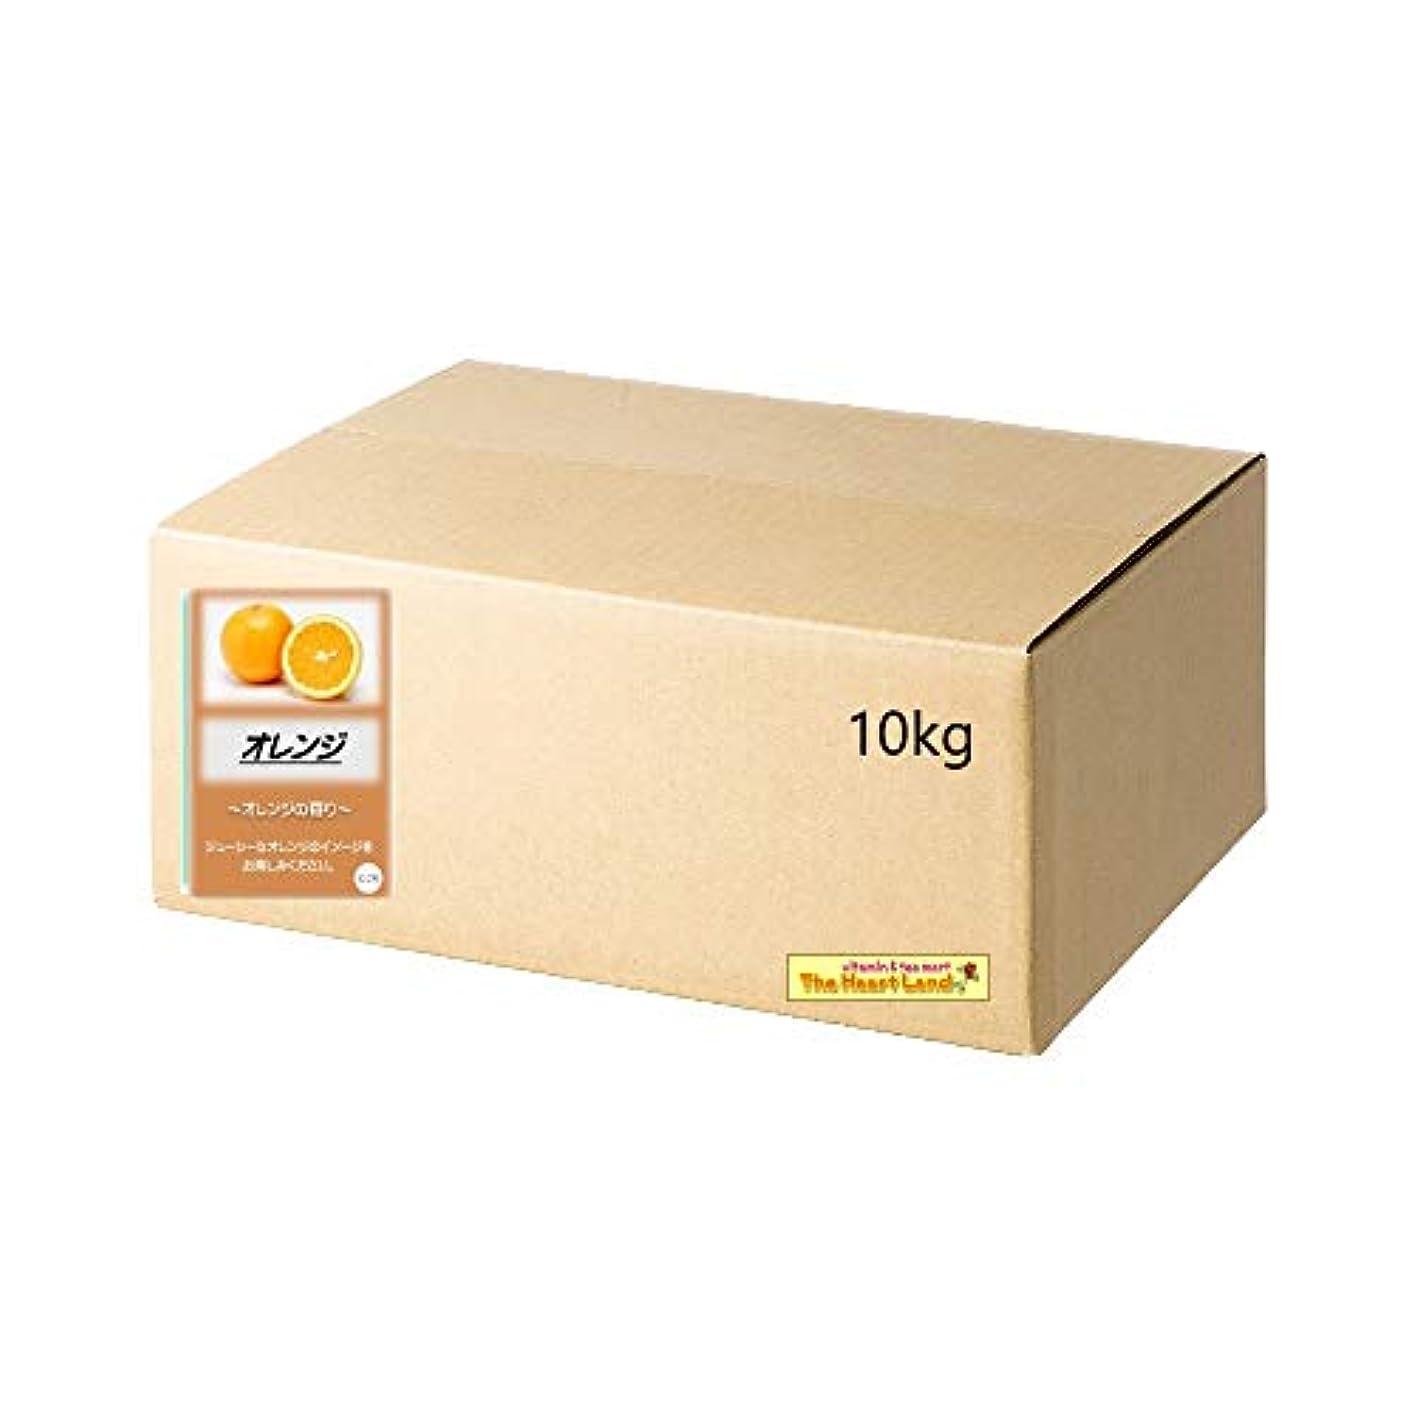 欠席スケッチ病気のアサヒ入浴剤 浴用入浴化粧品 オレンジ 10kg